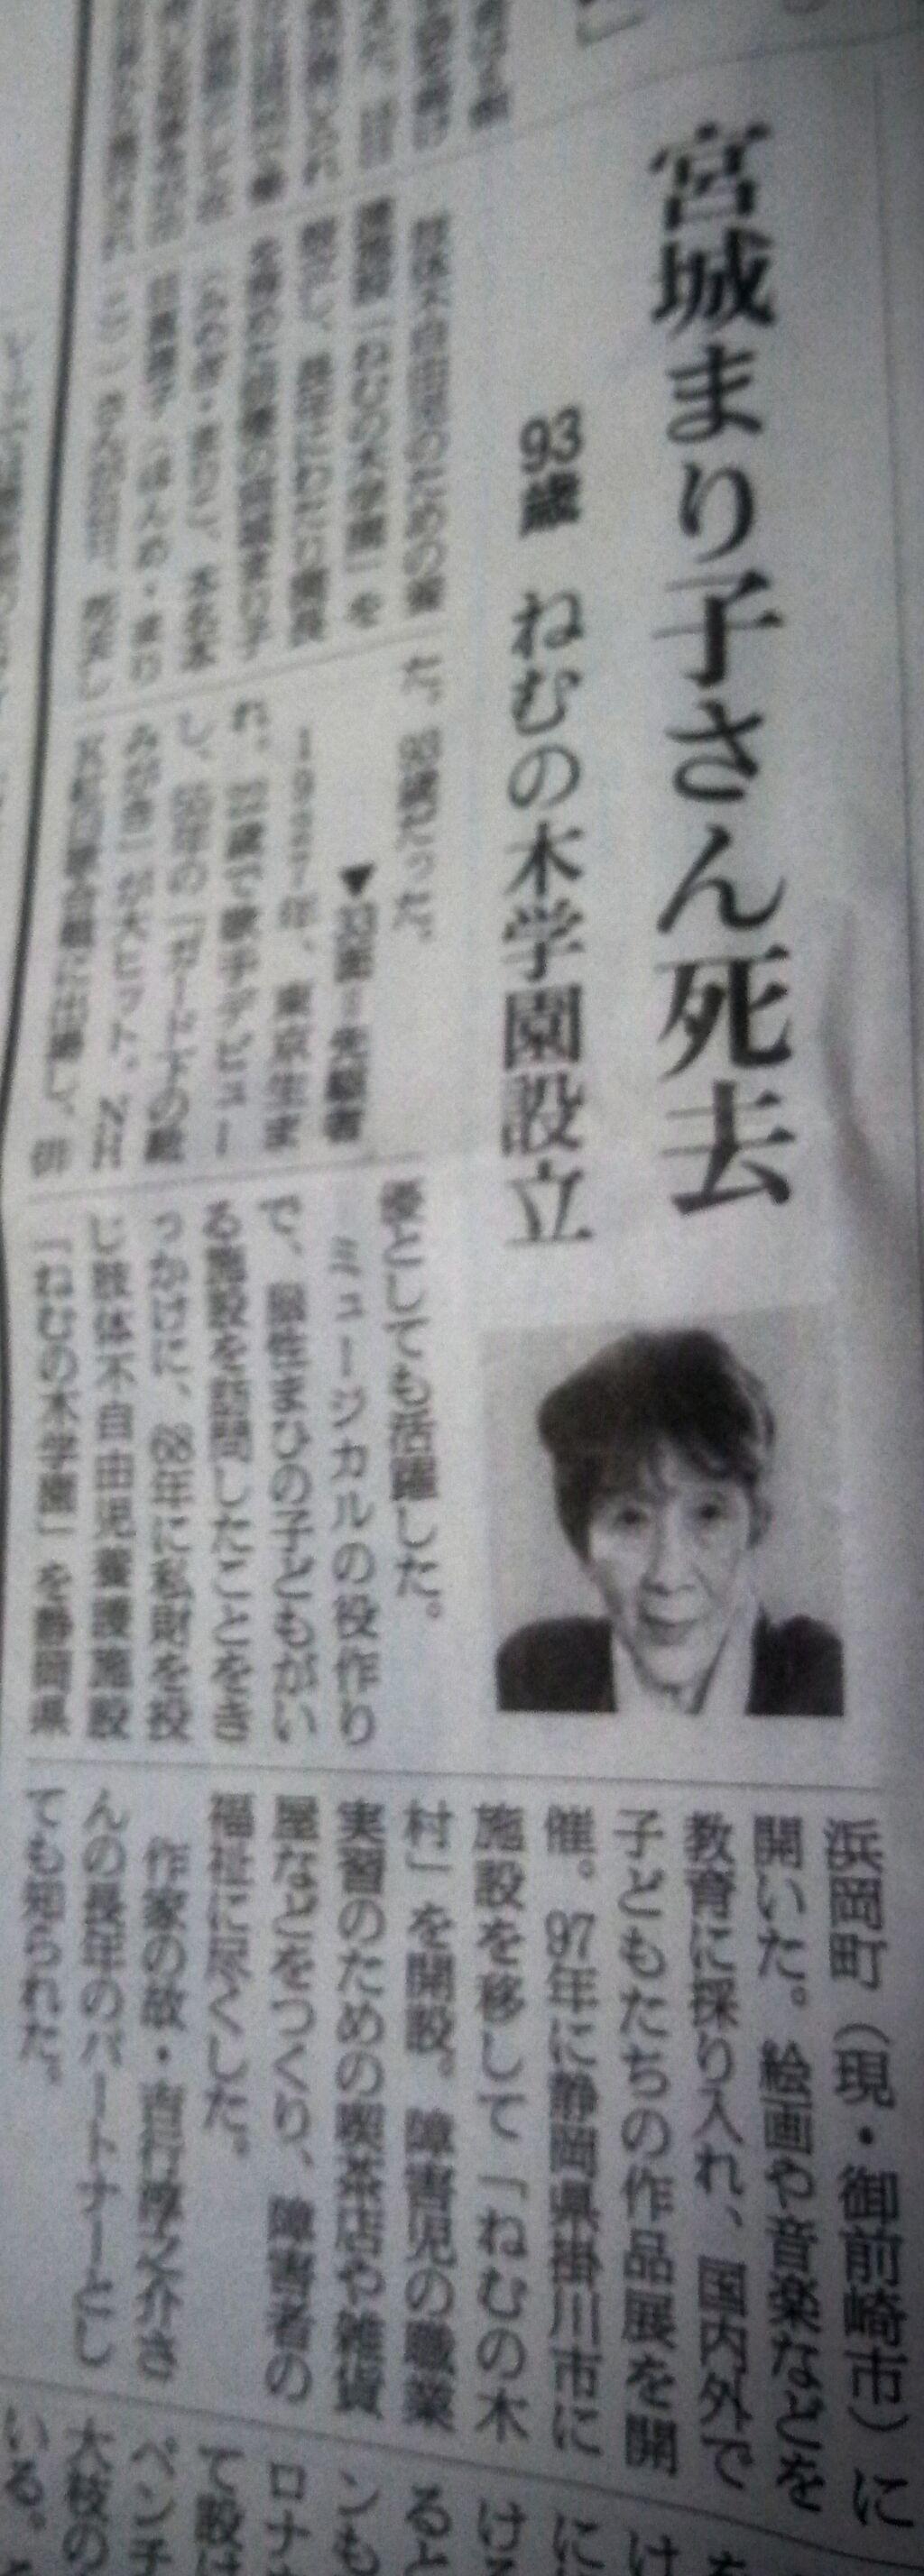 宮城まり子さん訃報